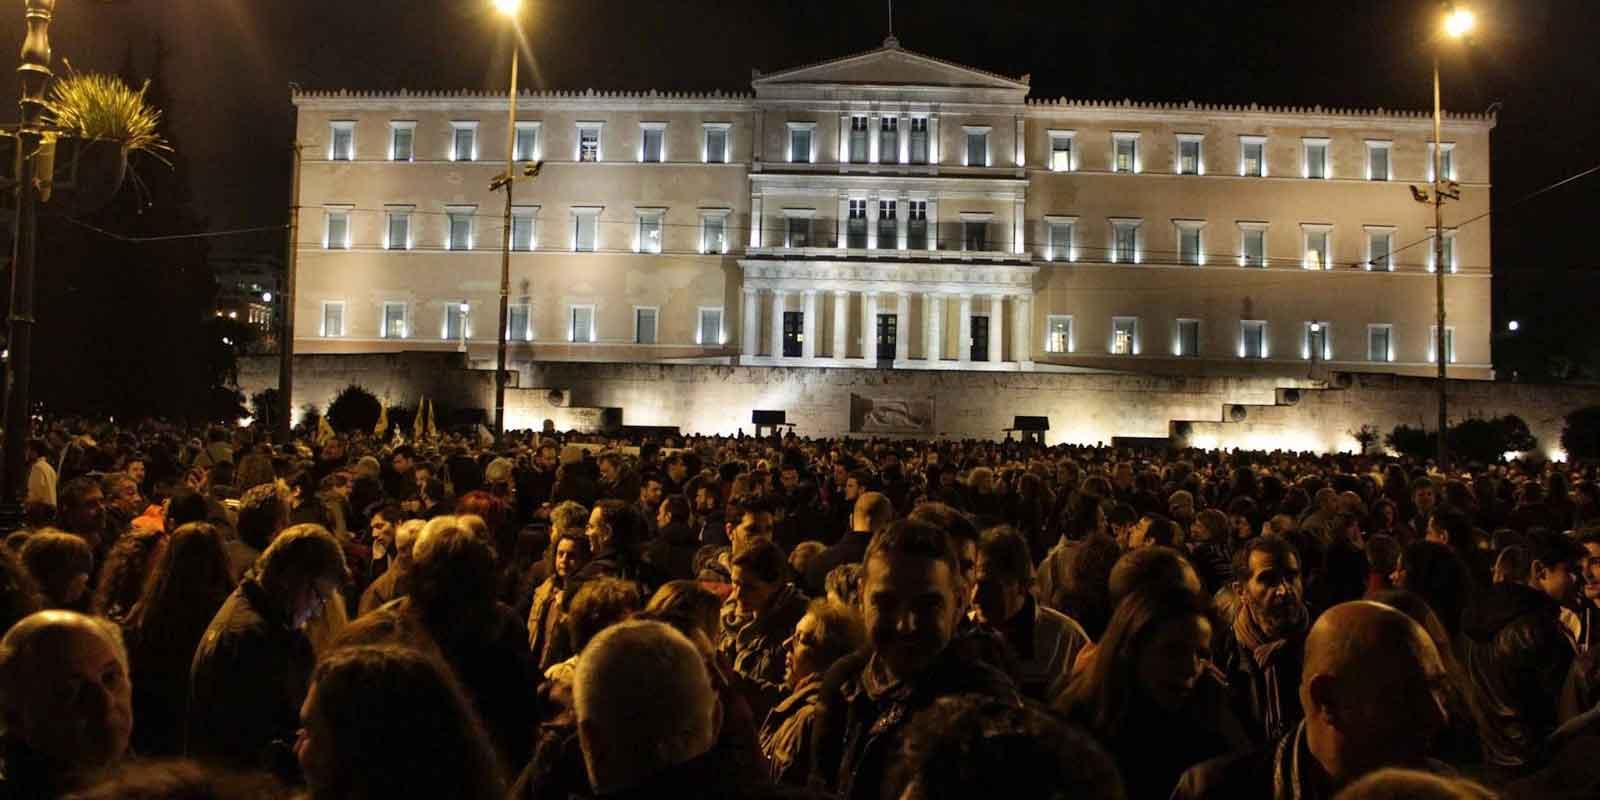 Scontro Grecia-Unione Europea: è finito un sogno?